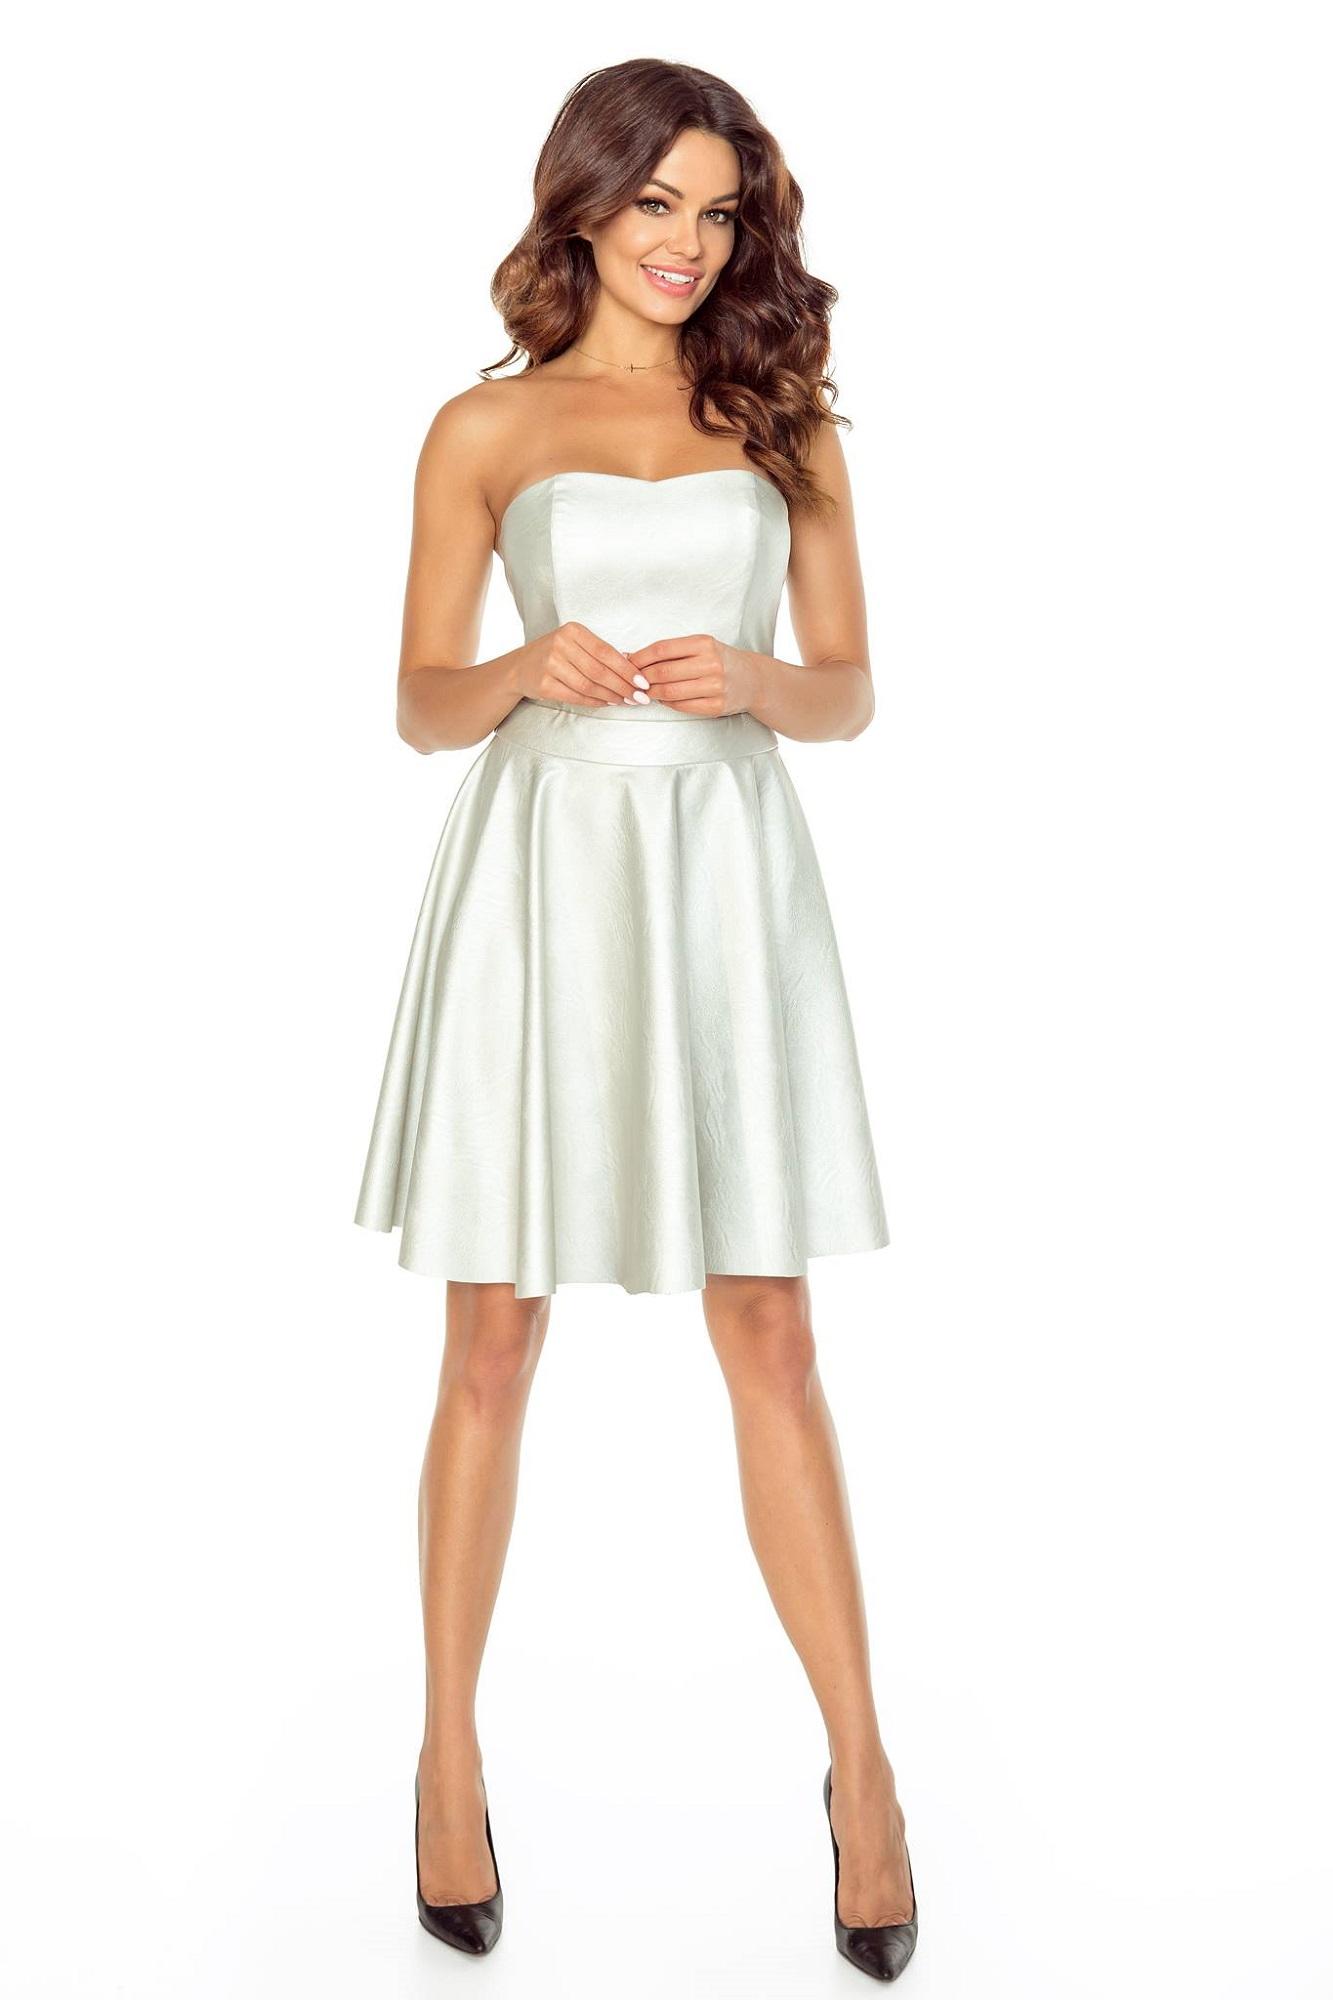 ab2580286a Kartes Moda - sukienka dobra na wszystko! - shapemeup